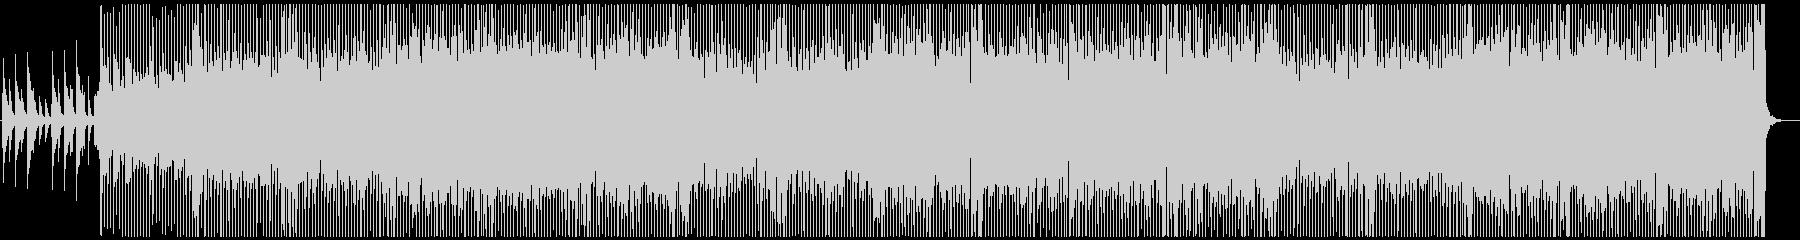 切ない・クールなギター&ピアノ曲の未再生の波形